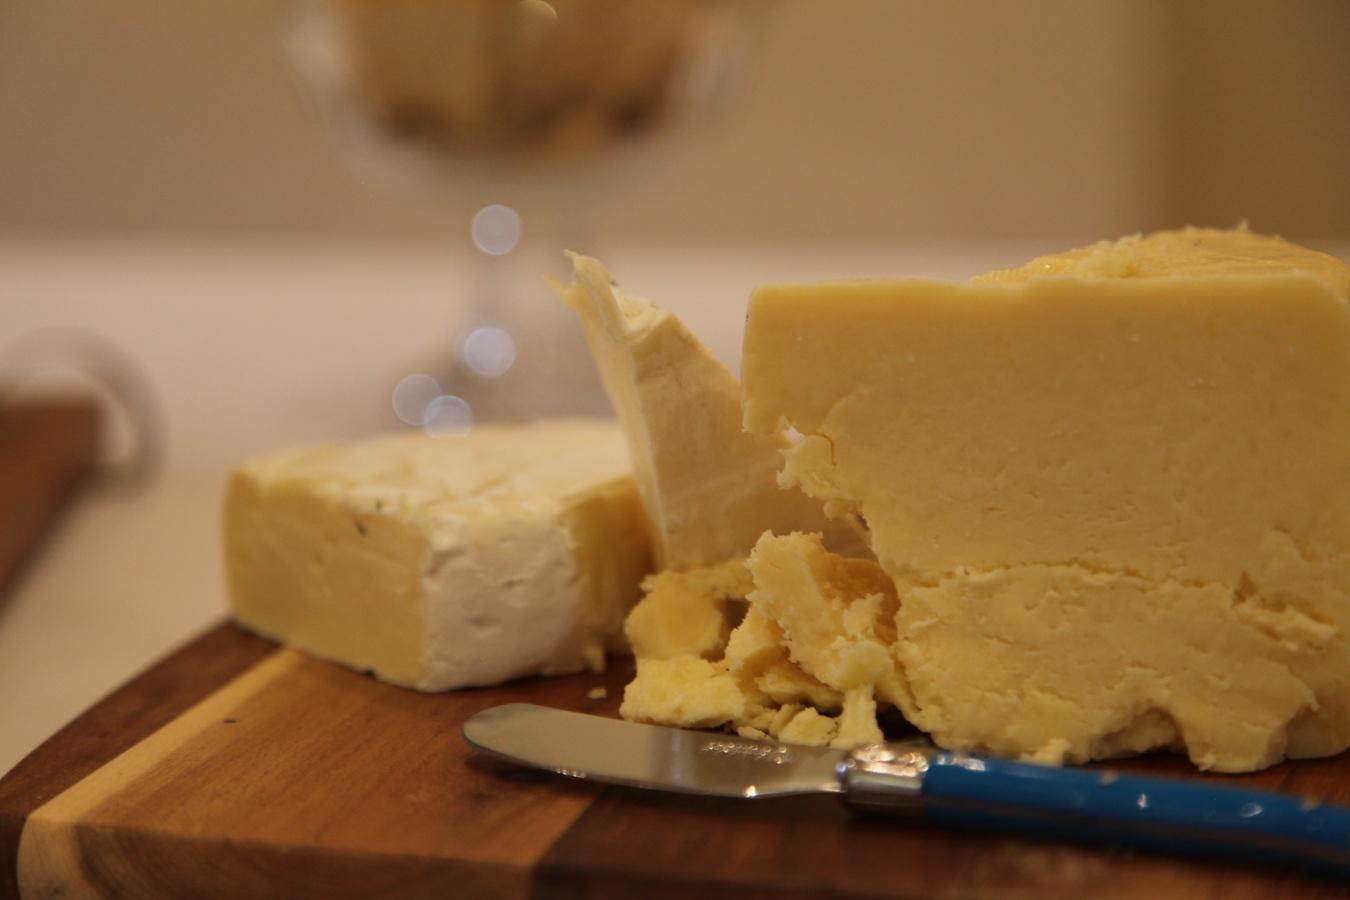 Consommer du fromage pour avoir une santé d'acier